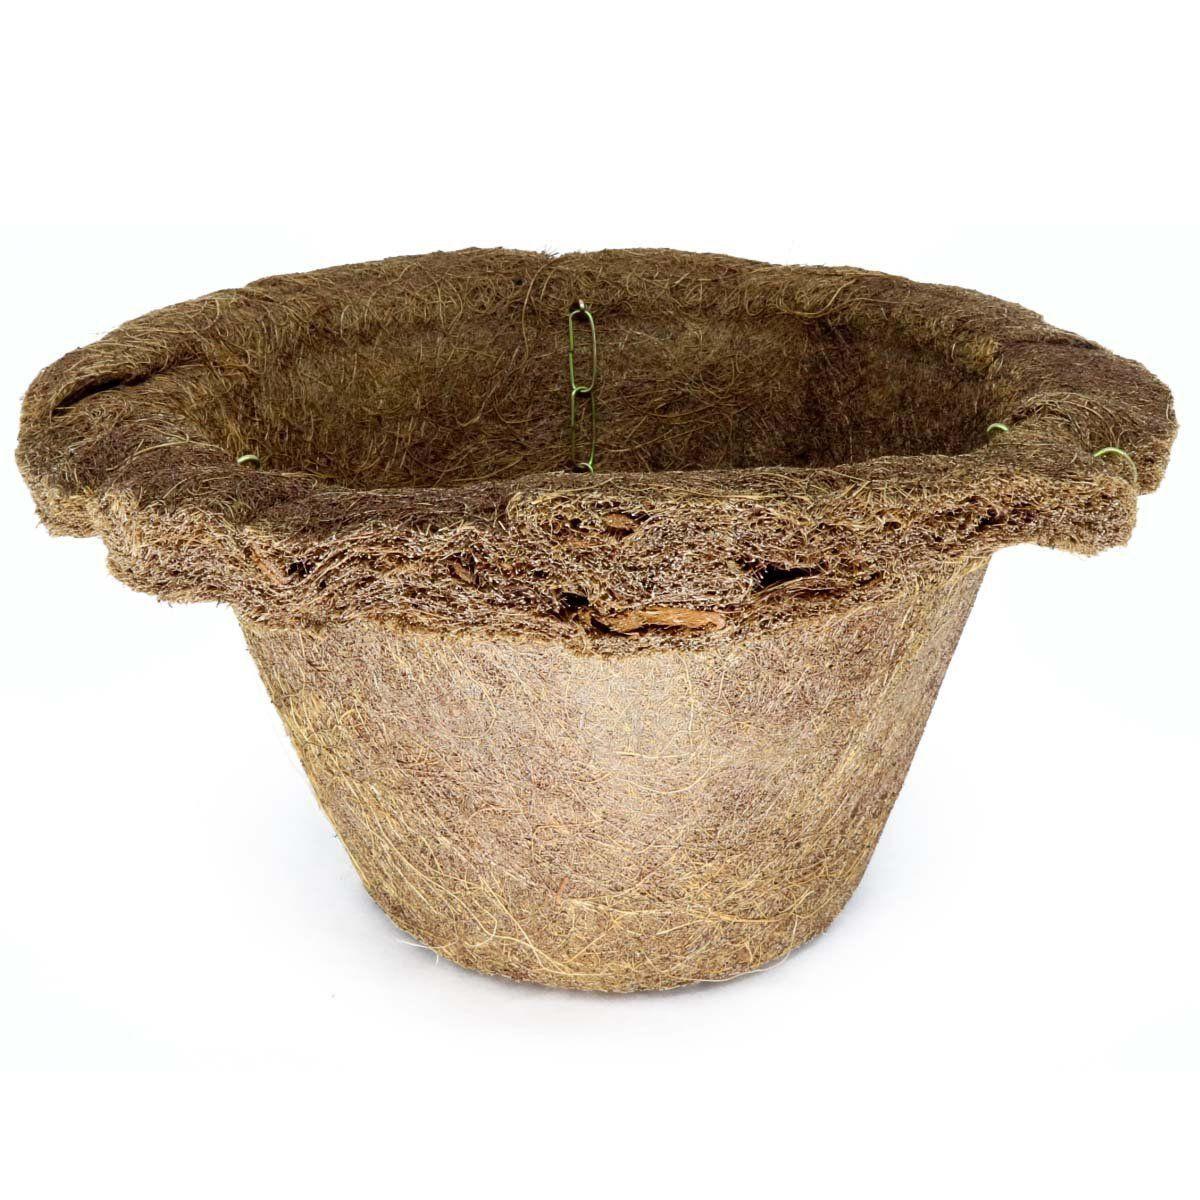 Vaso de Fibra de Coco Virola Nº 14 com corrente - COQUIM